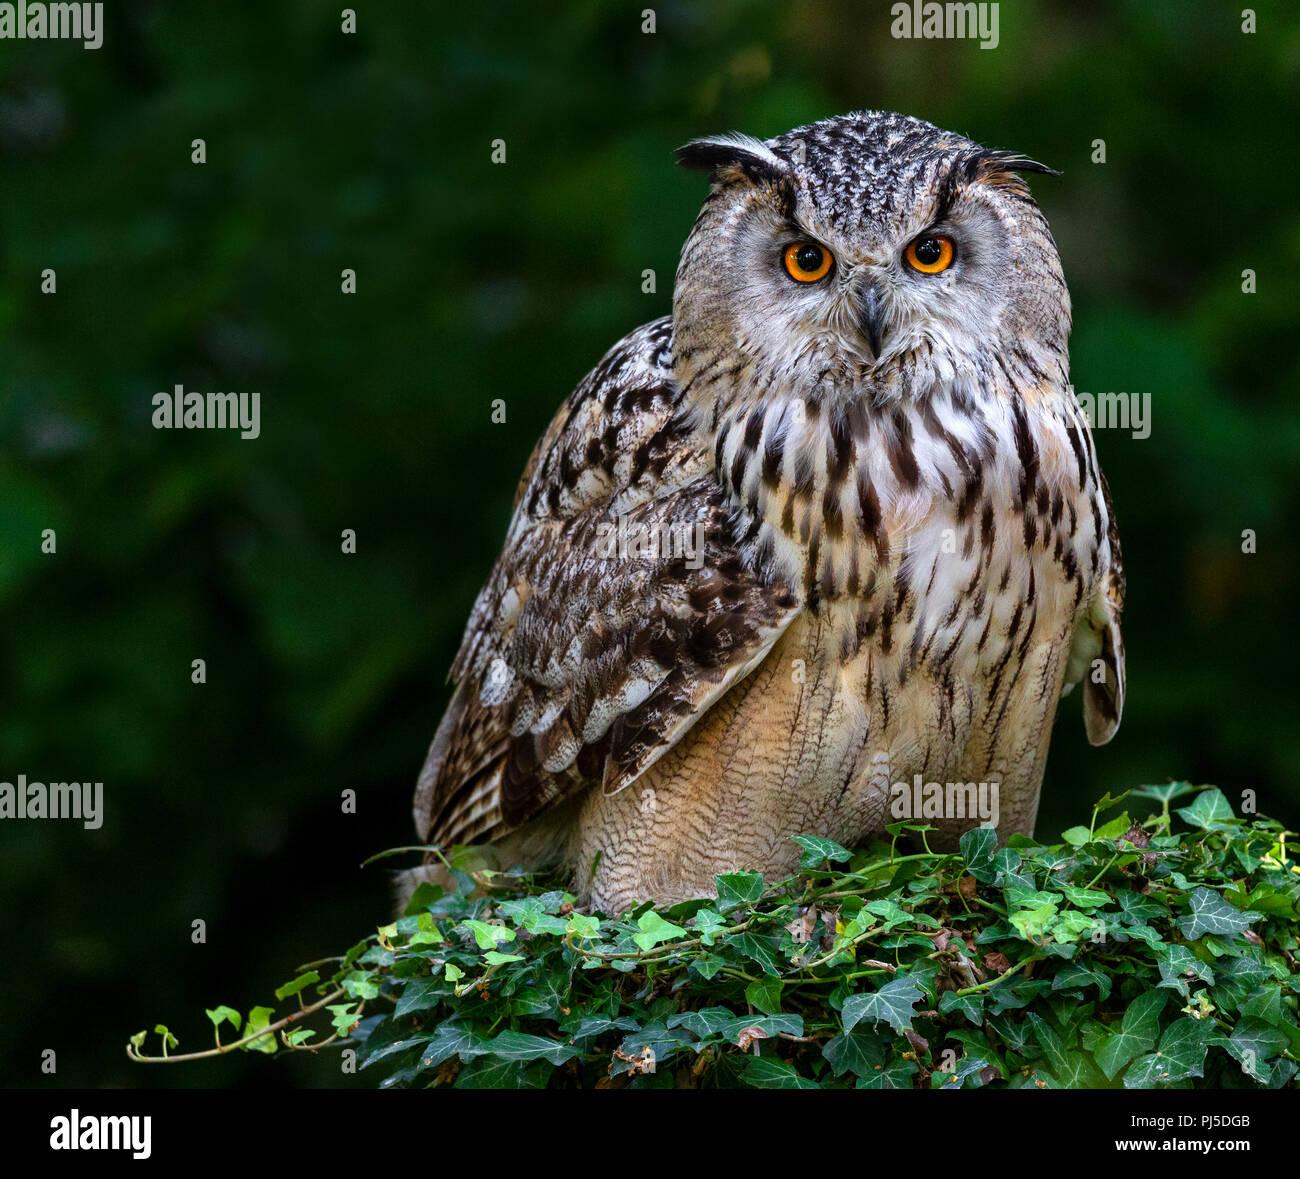 Siberian Eagle Owl - Stock Image